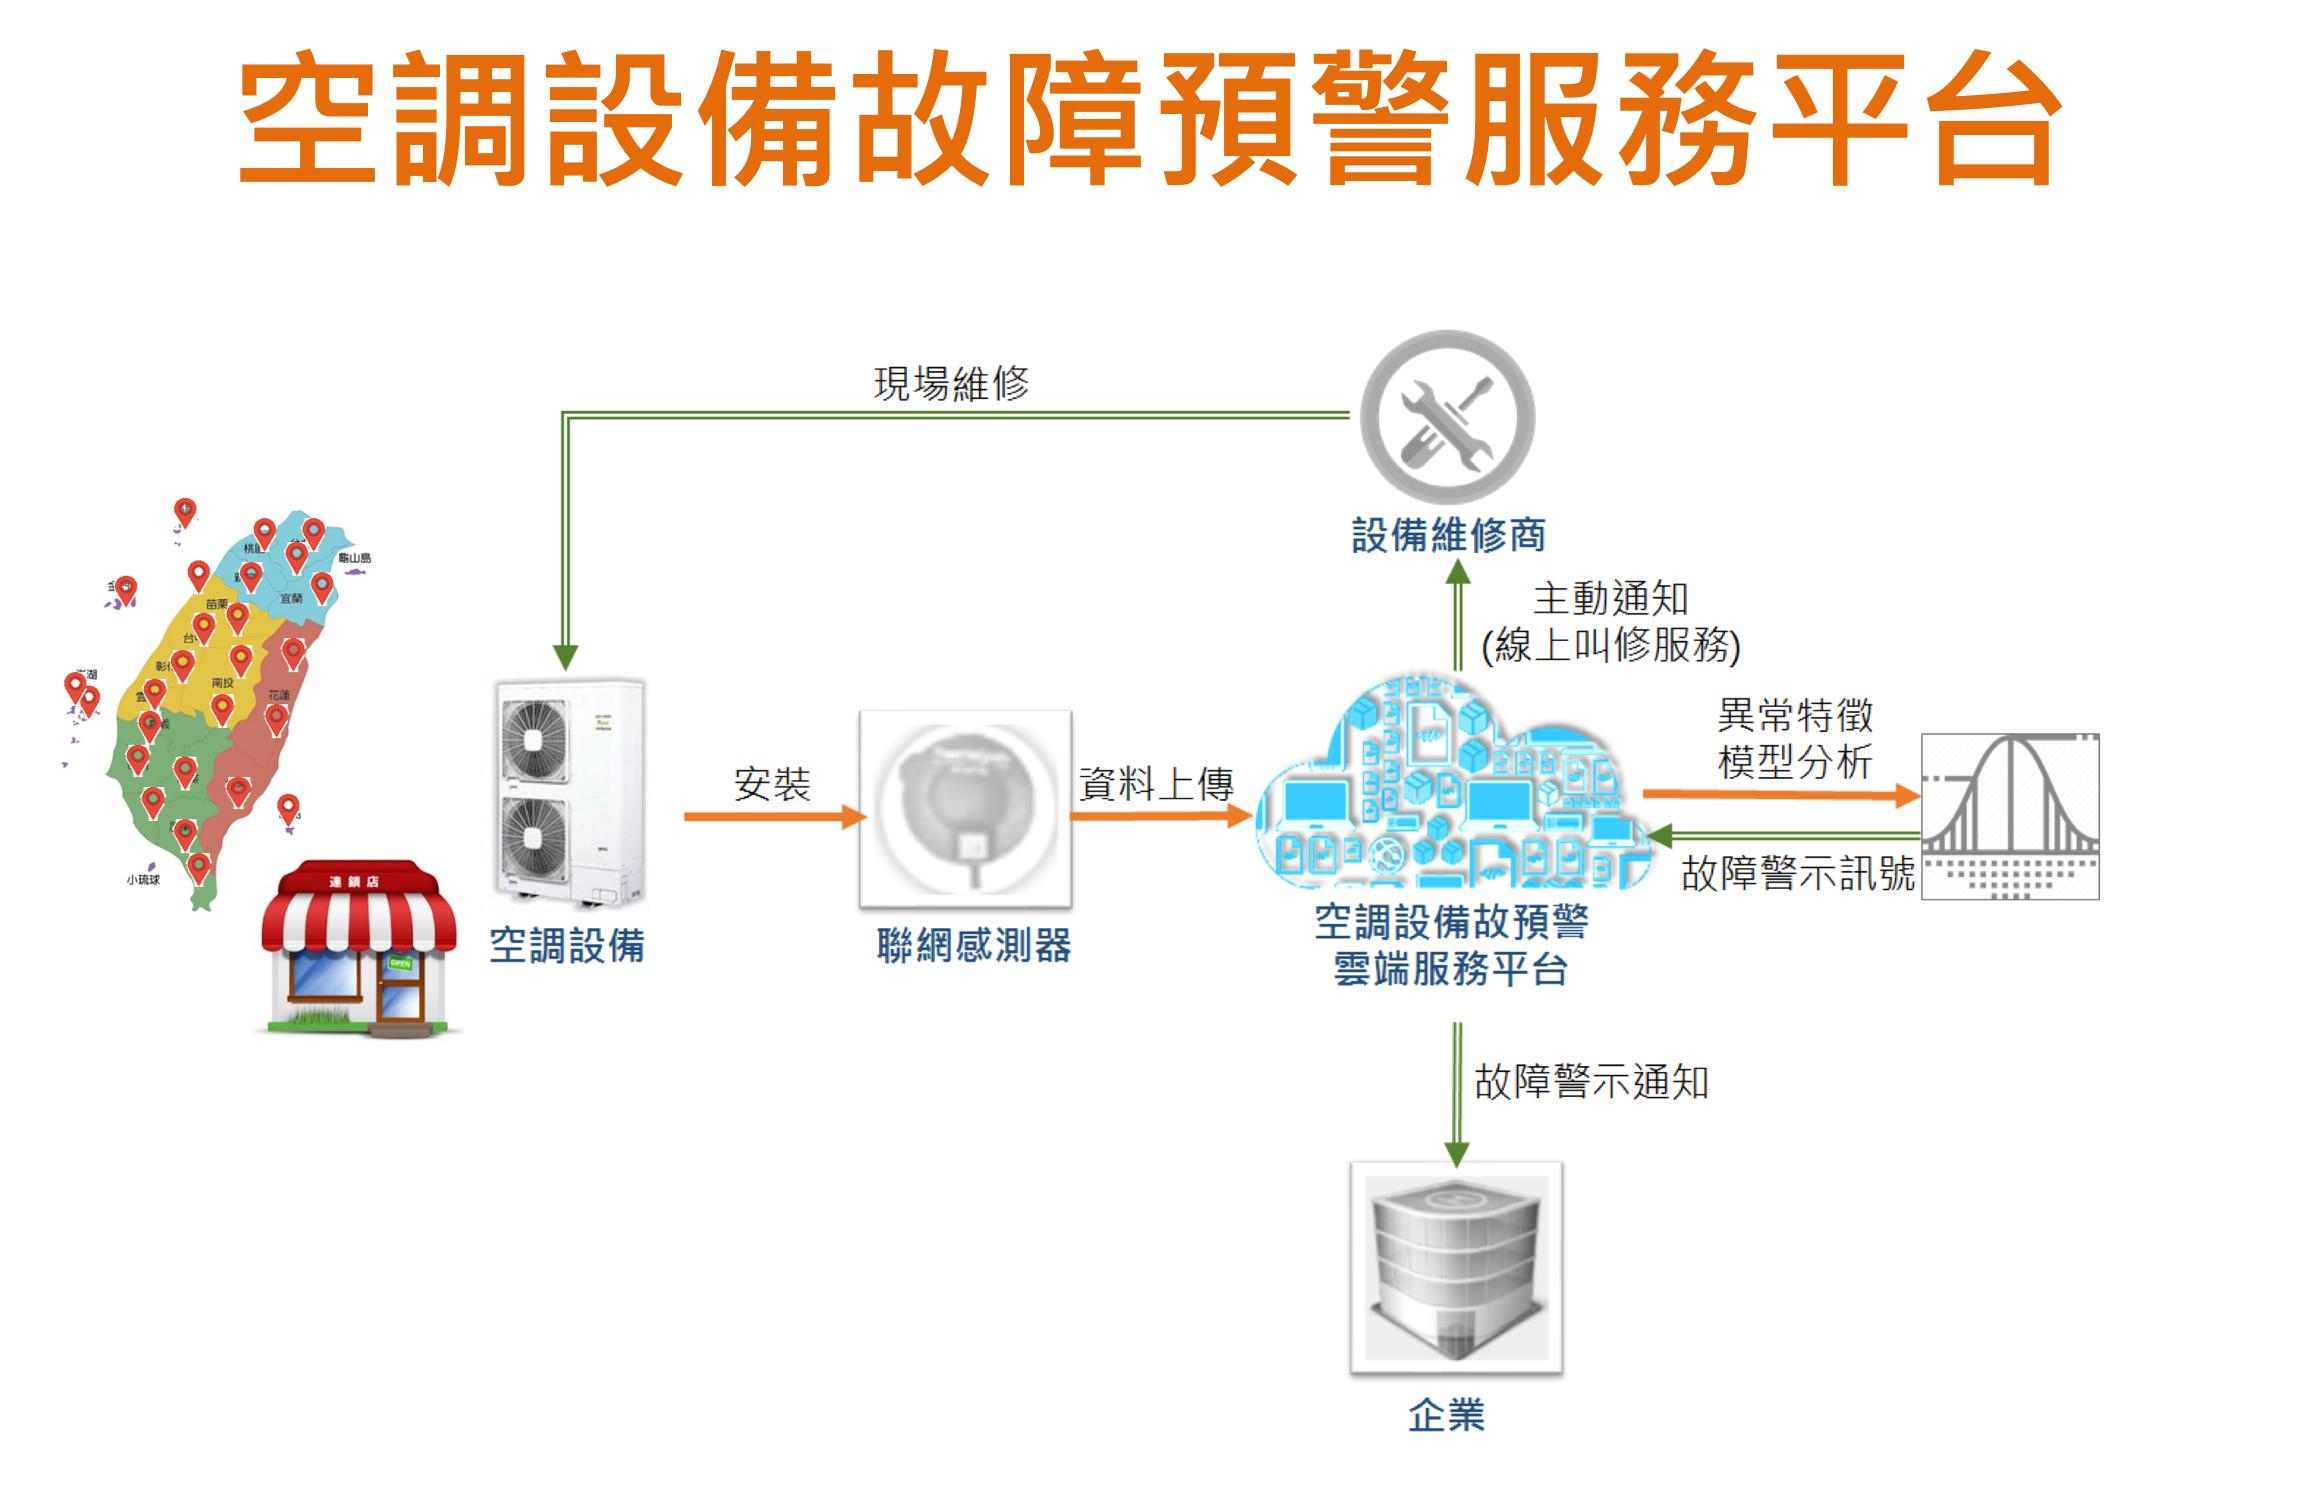 空調設備故障預警服務平台